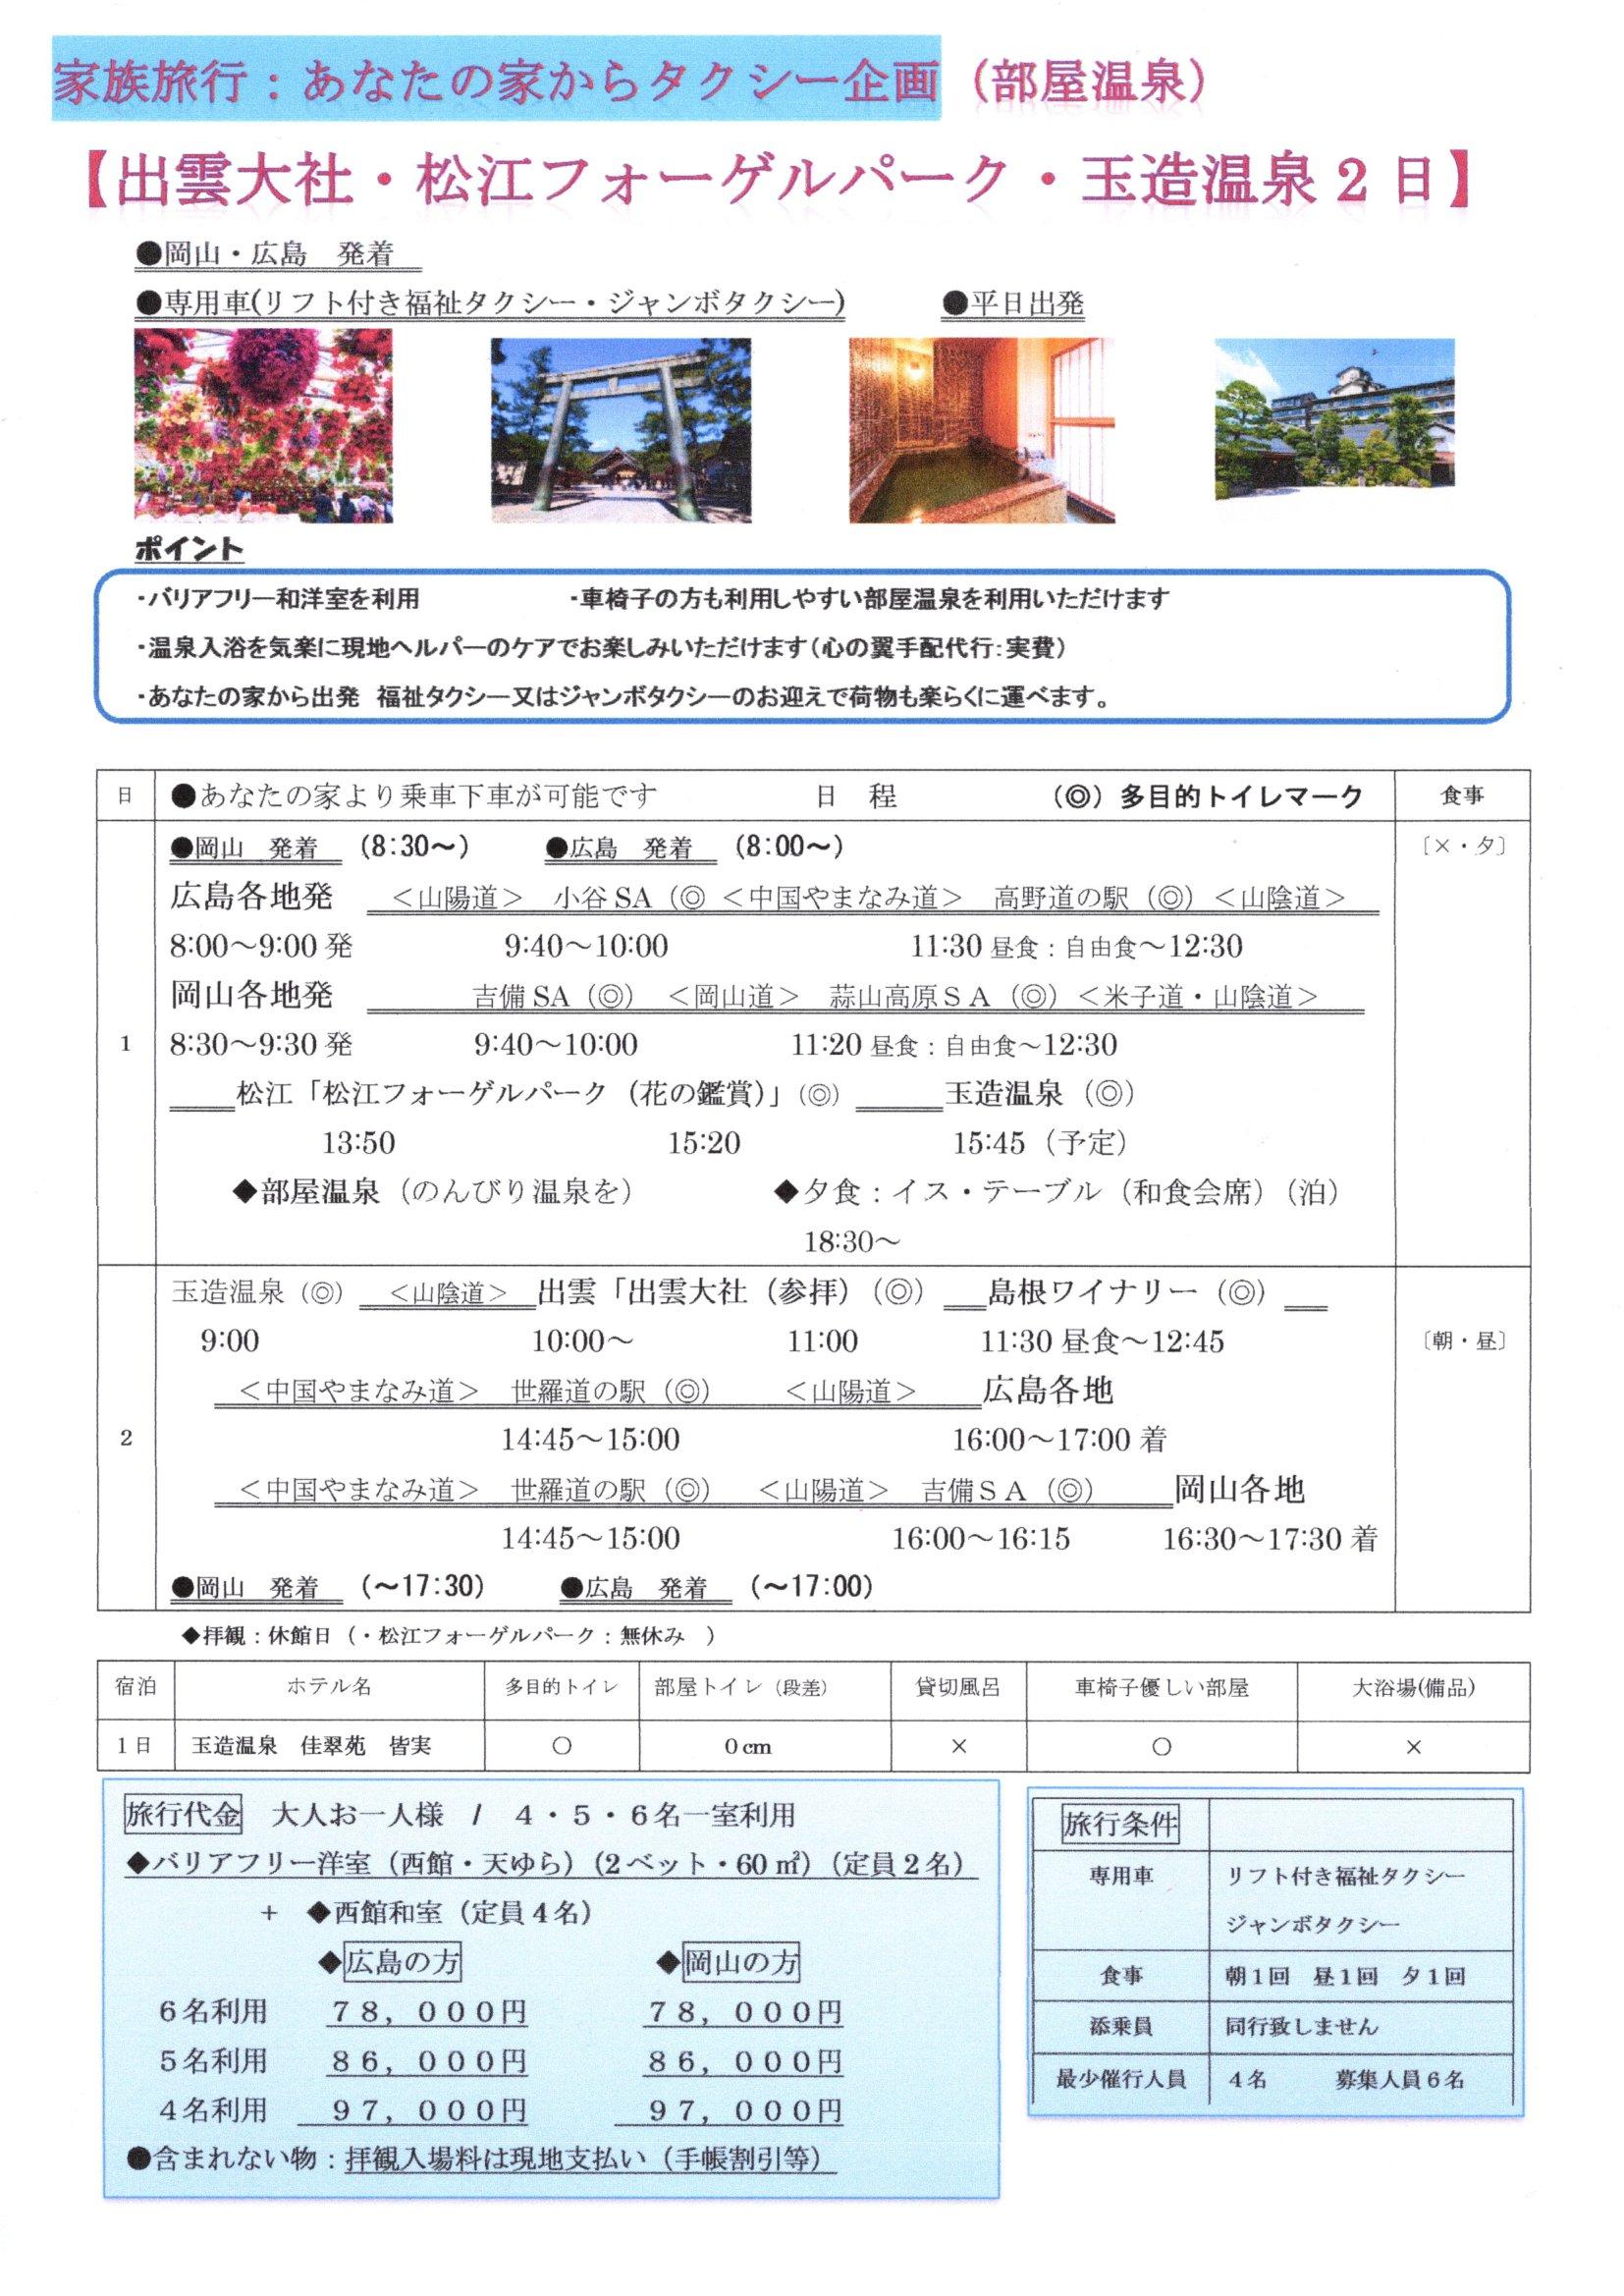 出雲大社・松江フォーゲルパーク・のんびり玉造温泉 2日